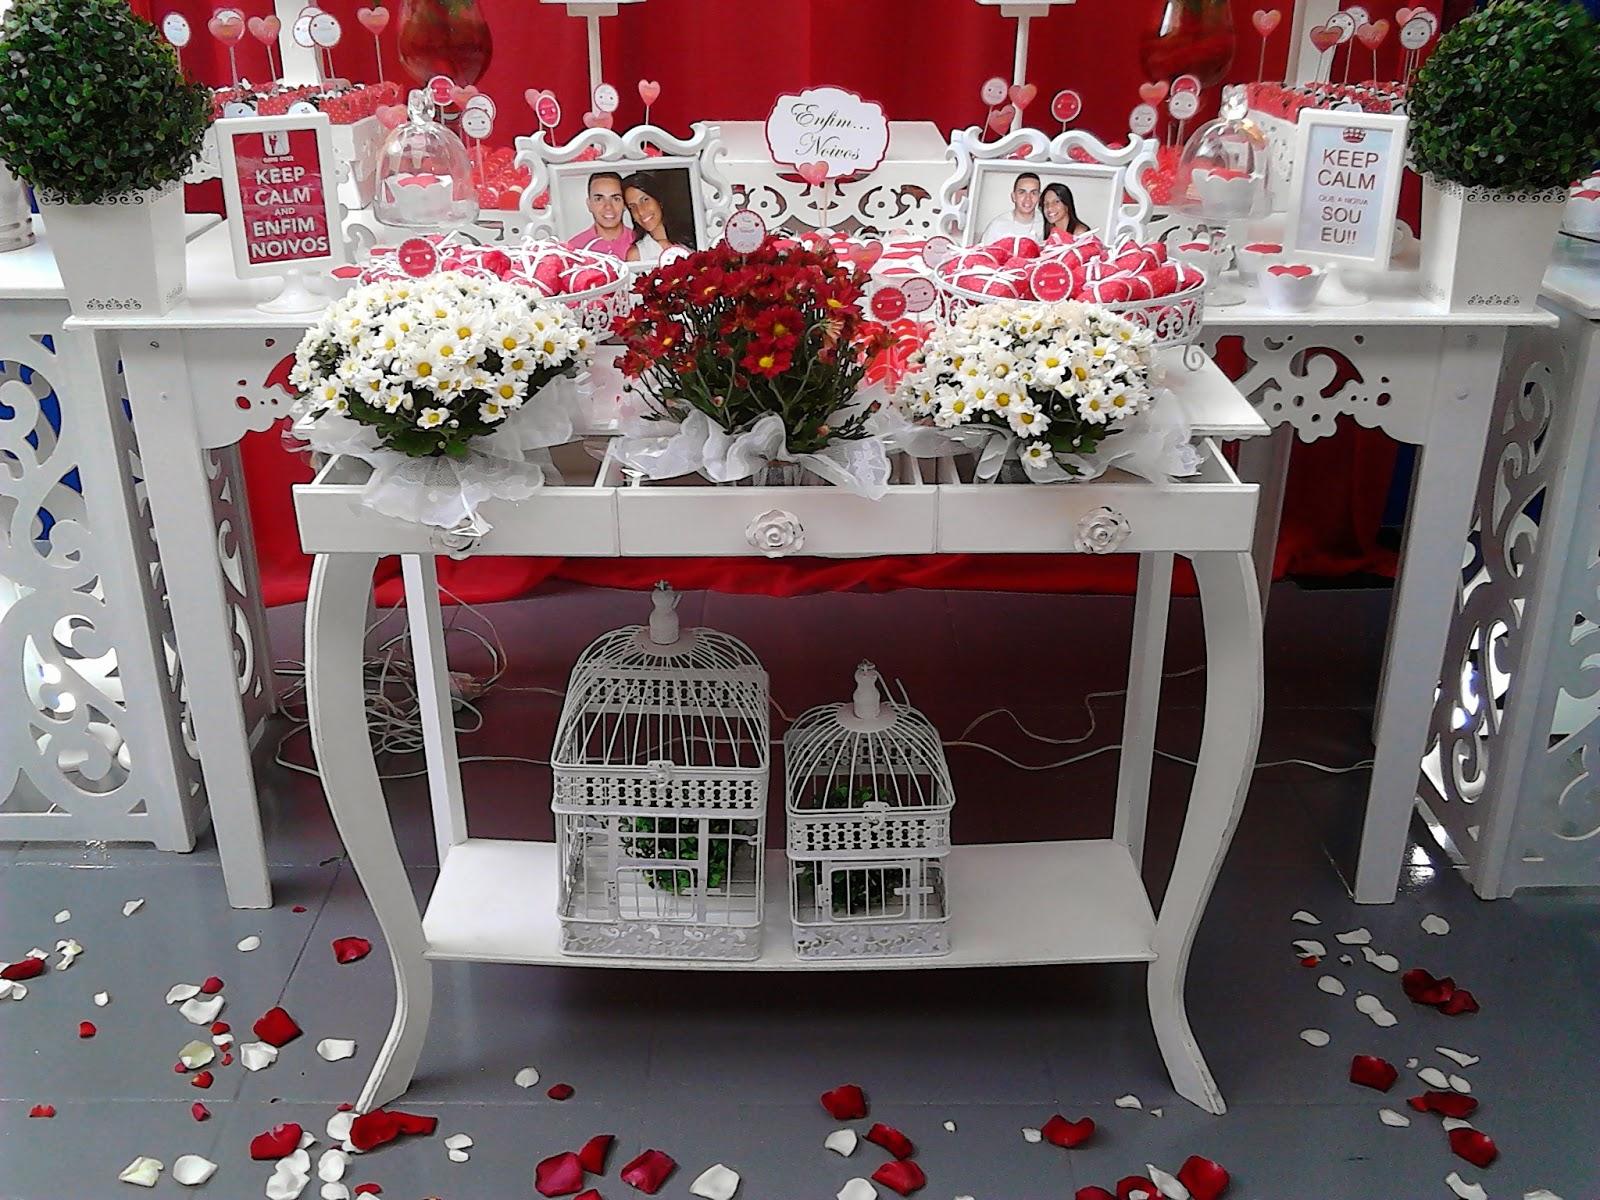 decoracao festa noivado:bem bolado daniela genari: Decoracao Provencal para Noivado